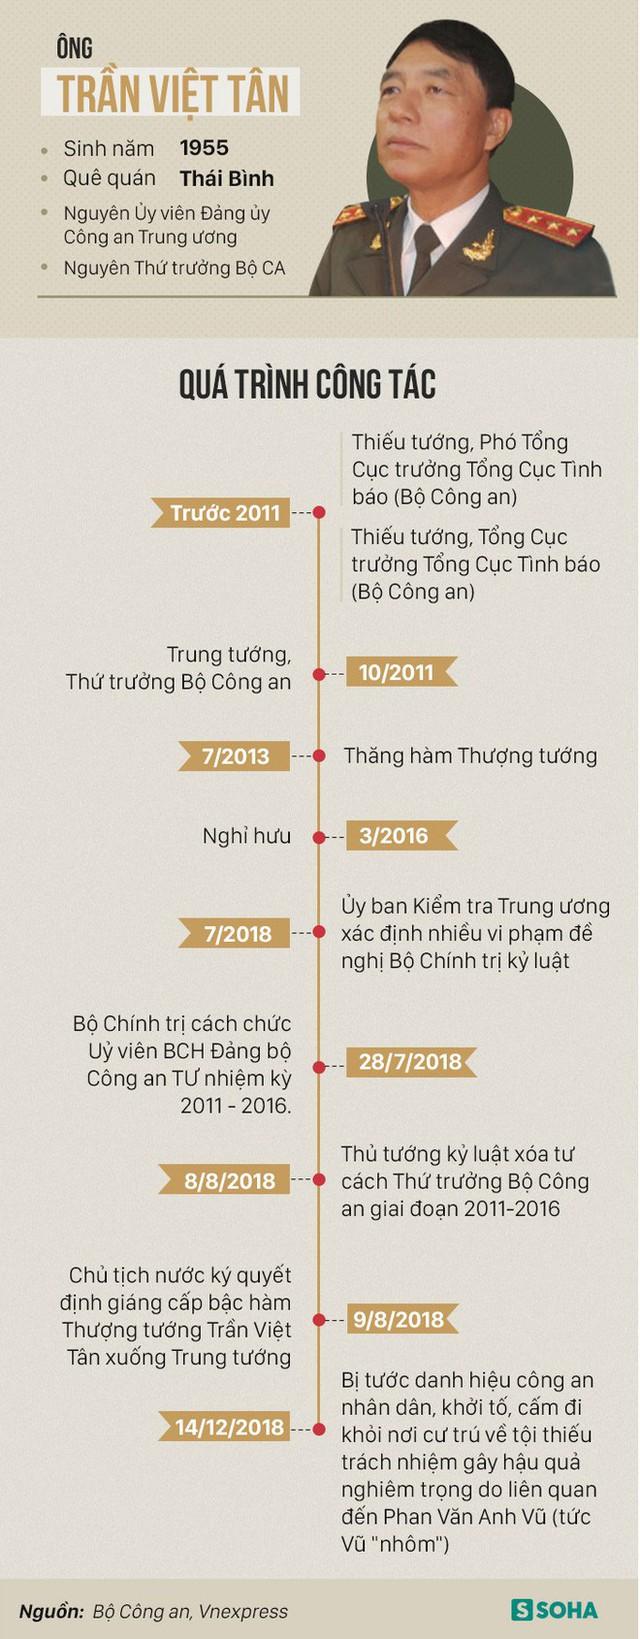 Sự nghiệp của 2 cựu Thứ trưởng Bộ Công an Trần Việt Tân và Bùi Văn Thành vừa bị khởi tố - Ảnh 1.